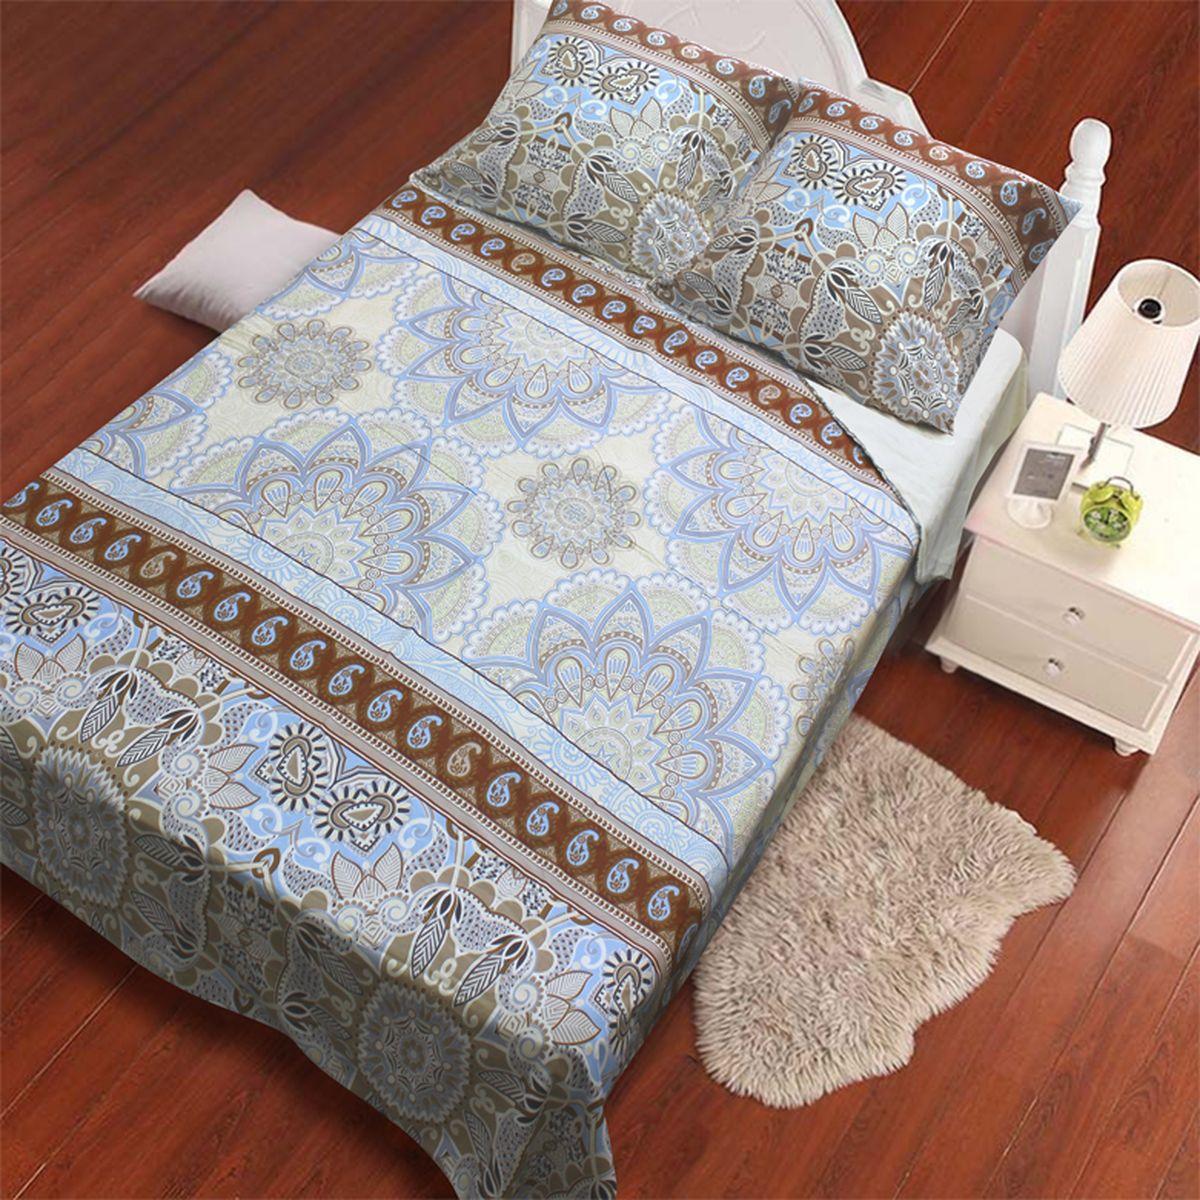 Комплект белья Amore Mio Vostok, 1,5-спальный, наволочки 70x70, цвет: молочный, бежевый, голубой82868Комплект постельного белья Amore Mio является экологически безопасным для всей семьи, так как выполнен из сатина (100% хлопок). Постельное белье оформлено оригинальным рисунком и имеет изысканный внешний вид. Сатин - это ткань сатинового (атласного) переплетения нитей. Имеет гладкую, шелковистую лицевую поверхность, на которой преобладают уточные нити (уток - горизонтально расположенные в тканом полотне нити). Сатин изготавливается из крученой хлопковой нити двойного плетения. Он чрезвычайно приятен на ощупь, не электризуется и не скользит по кровати. Сатин прекрасно сохраняет форму и не мнется, отлично пропускает воздух, что позволяет телу дышать и дарит здоровый и комфортный сон. Комплект состоит из пододеяльника, простыни и двух наволочек.